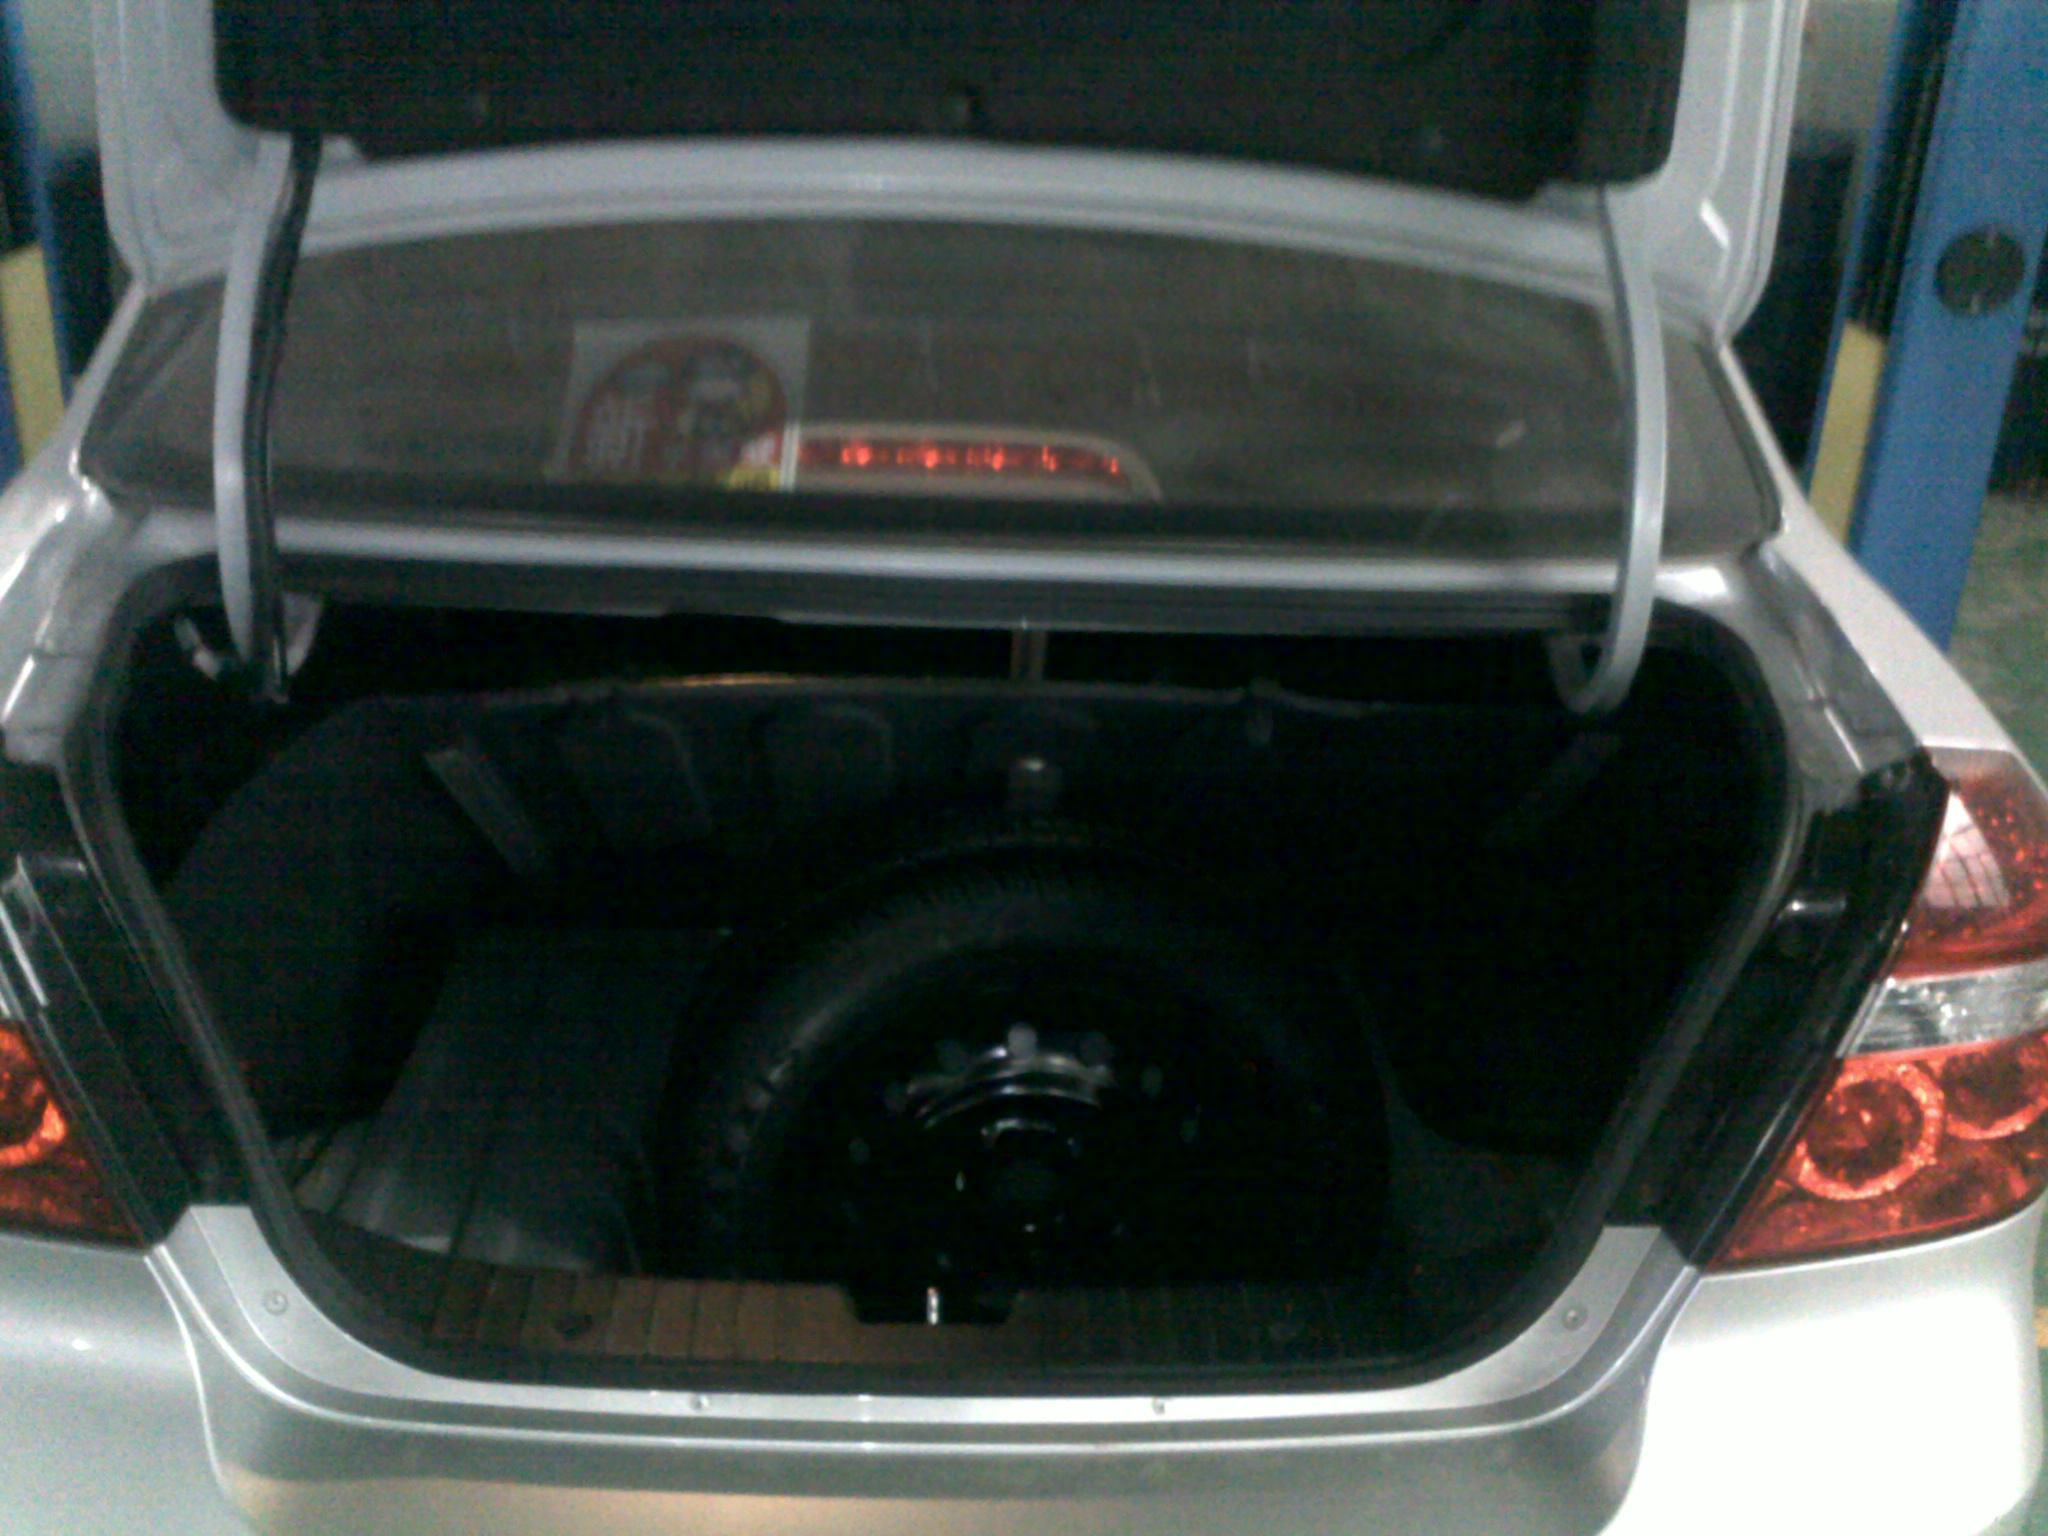 不要小瞧乐风的后备箱啊,我今年自驾游旅行时,就乐风这个后备箱放了2